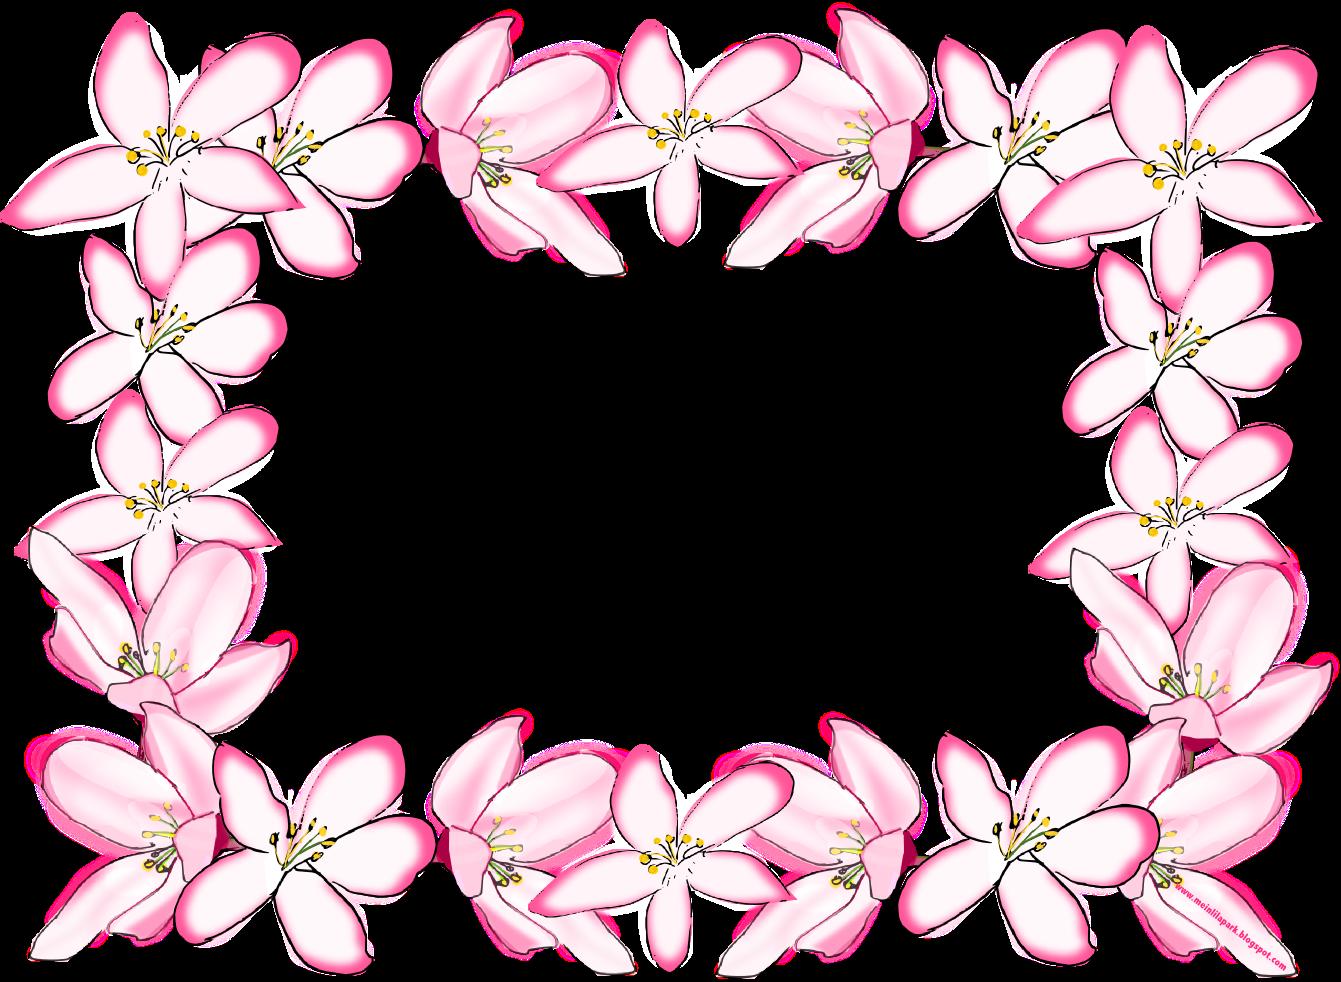 Free digital flower frame png in vintage design for Frame designs